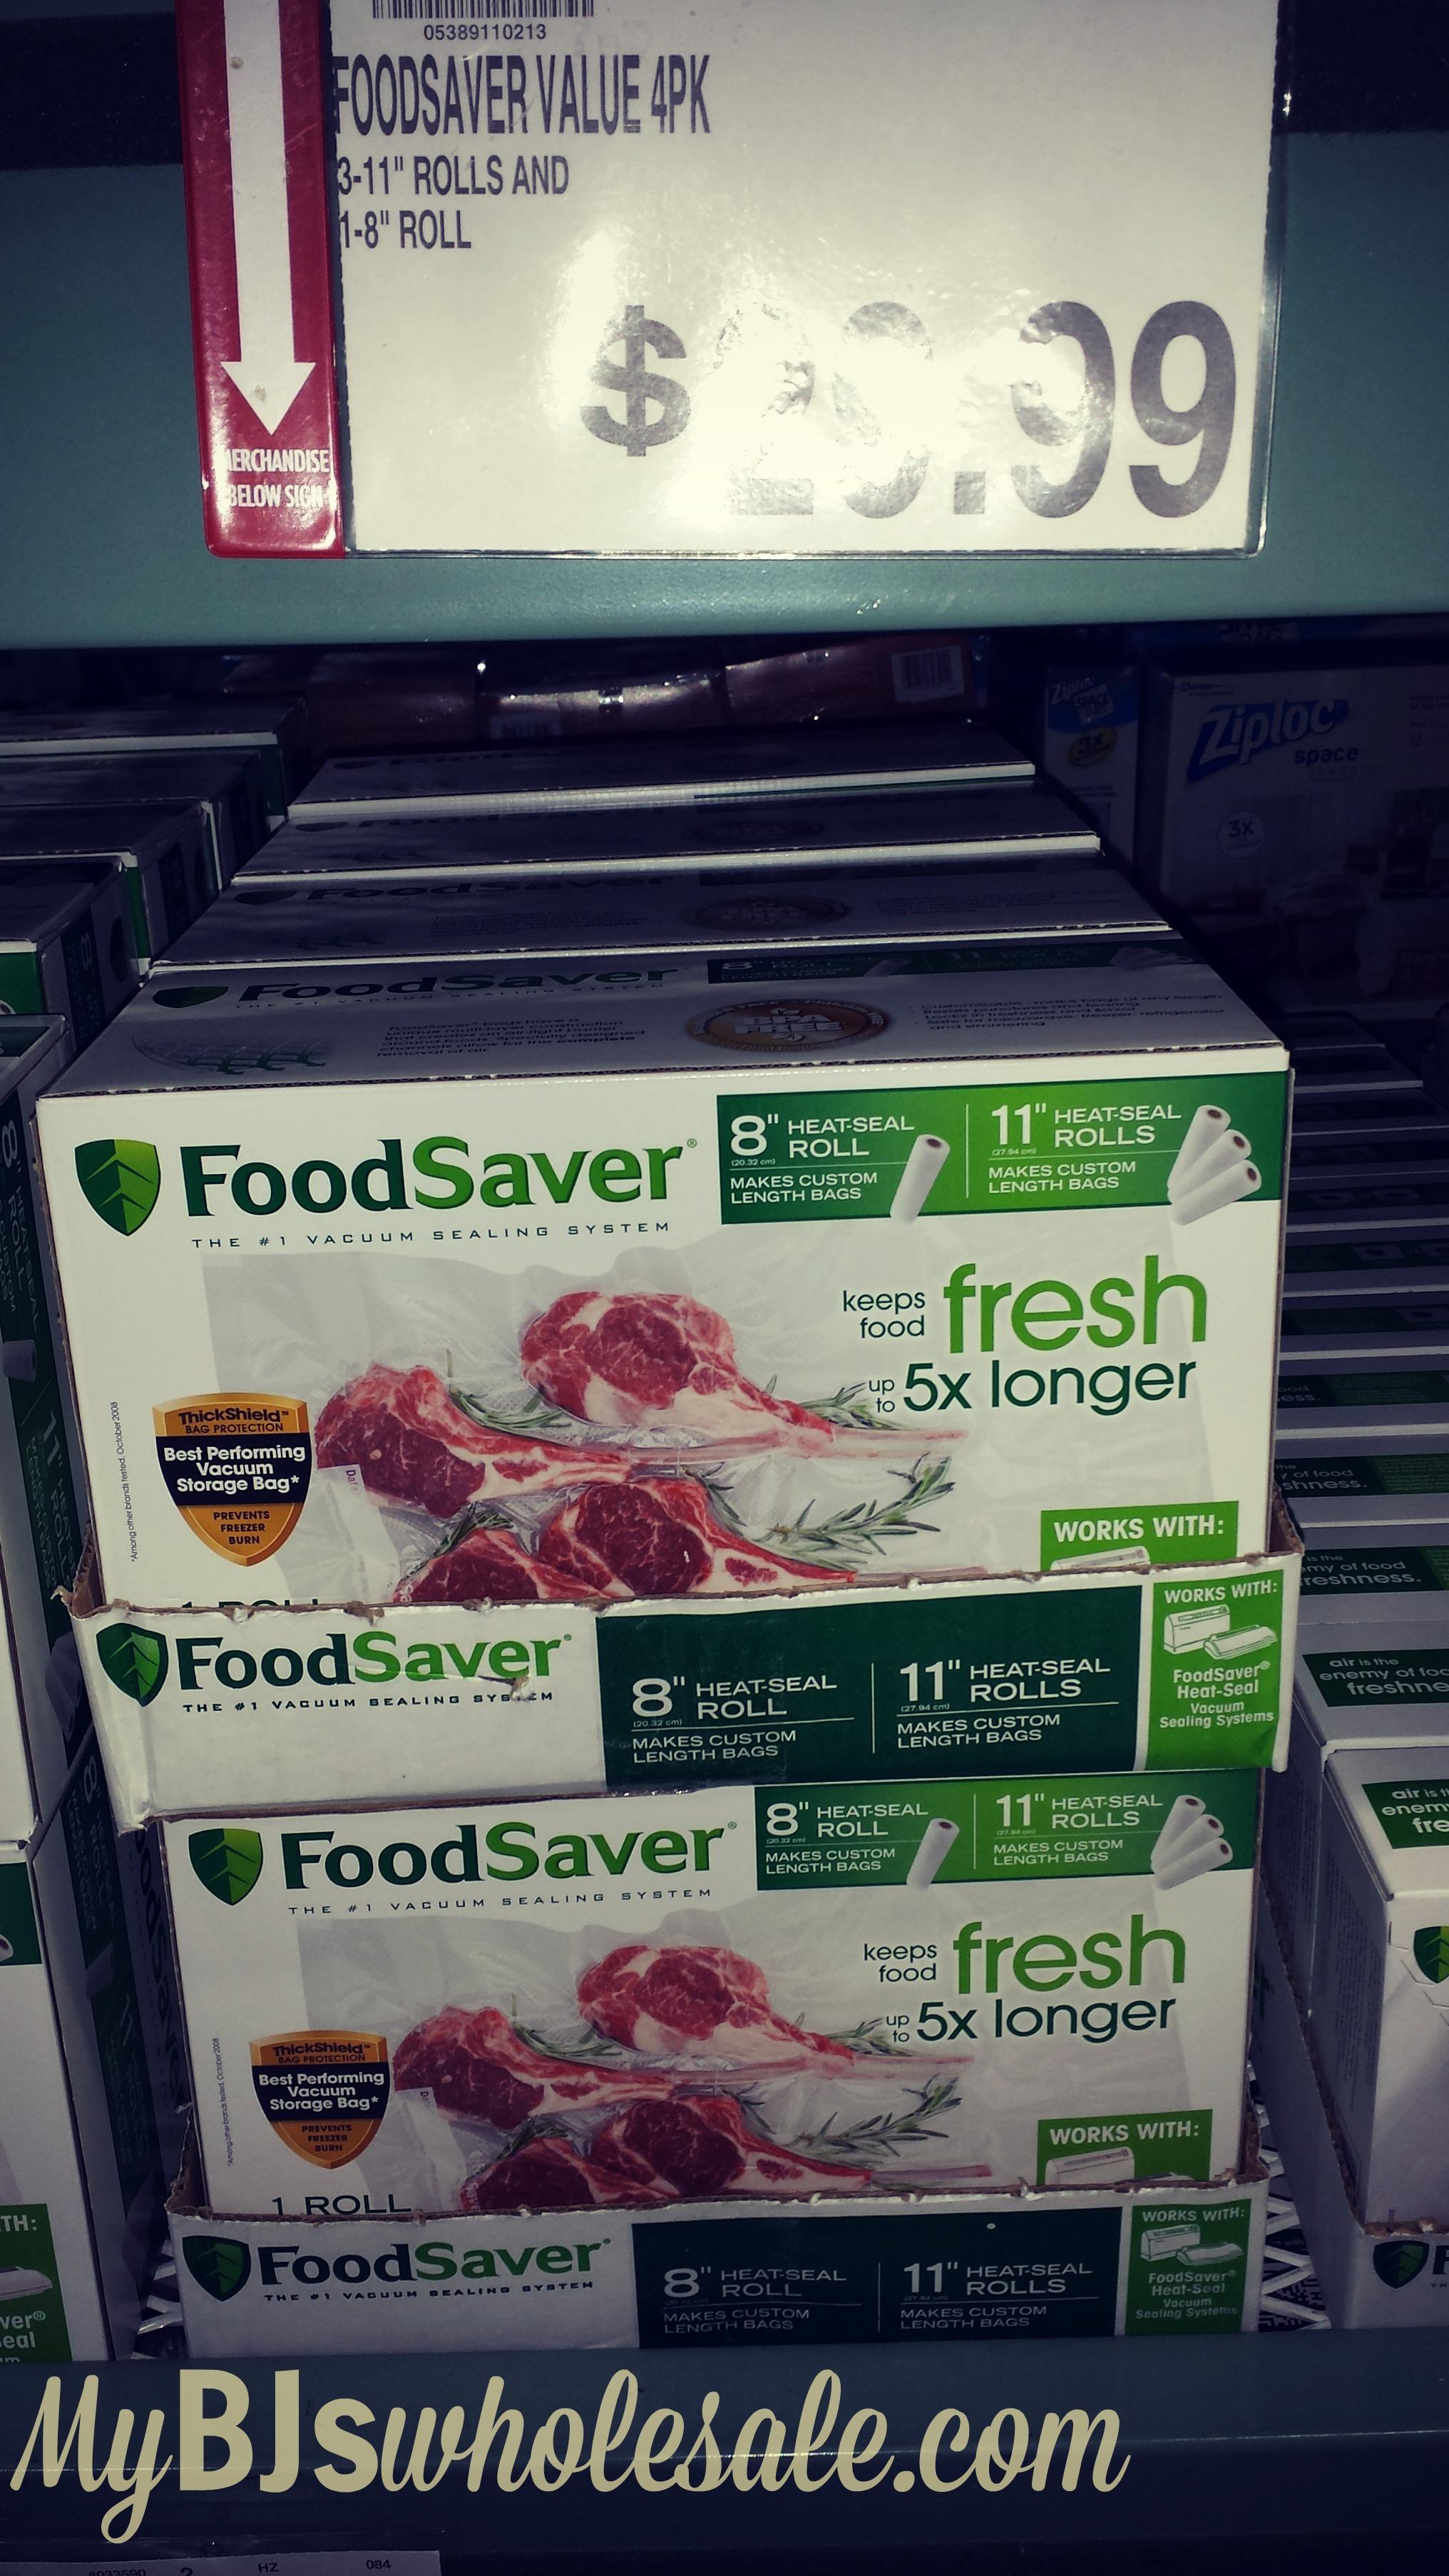 Foodsaver vacuum sealer printable coupons